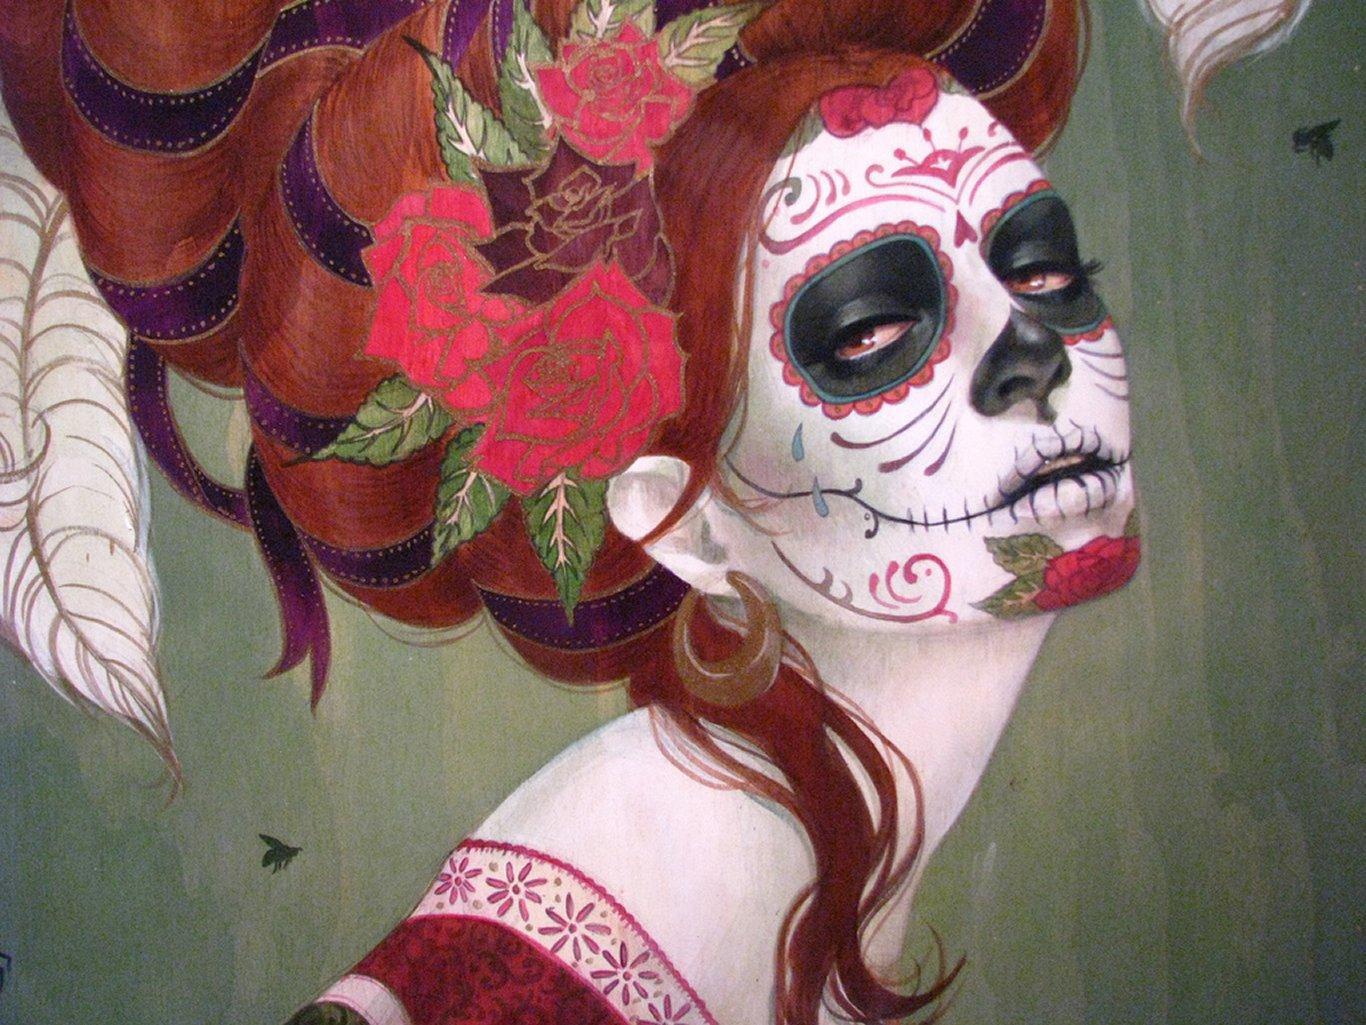 Sugar Skull Wallpaper loopelecom 1366x1025